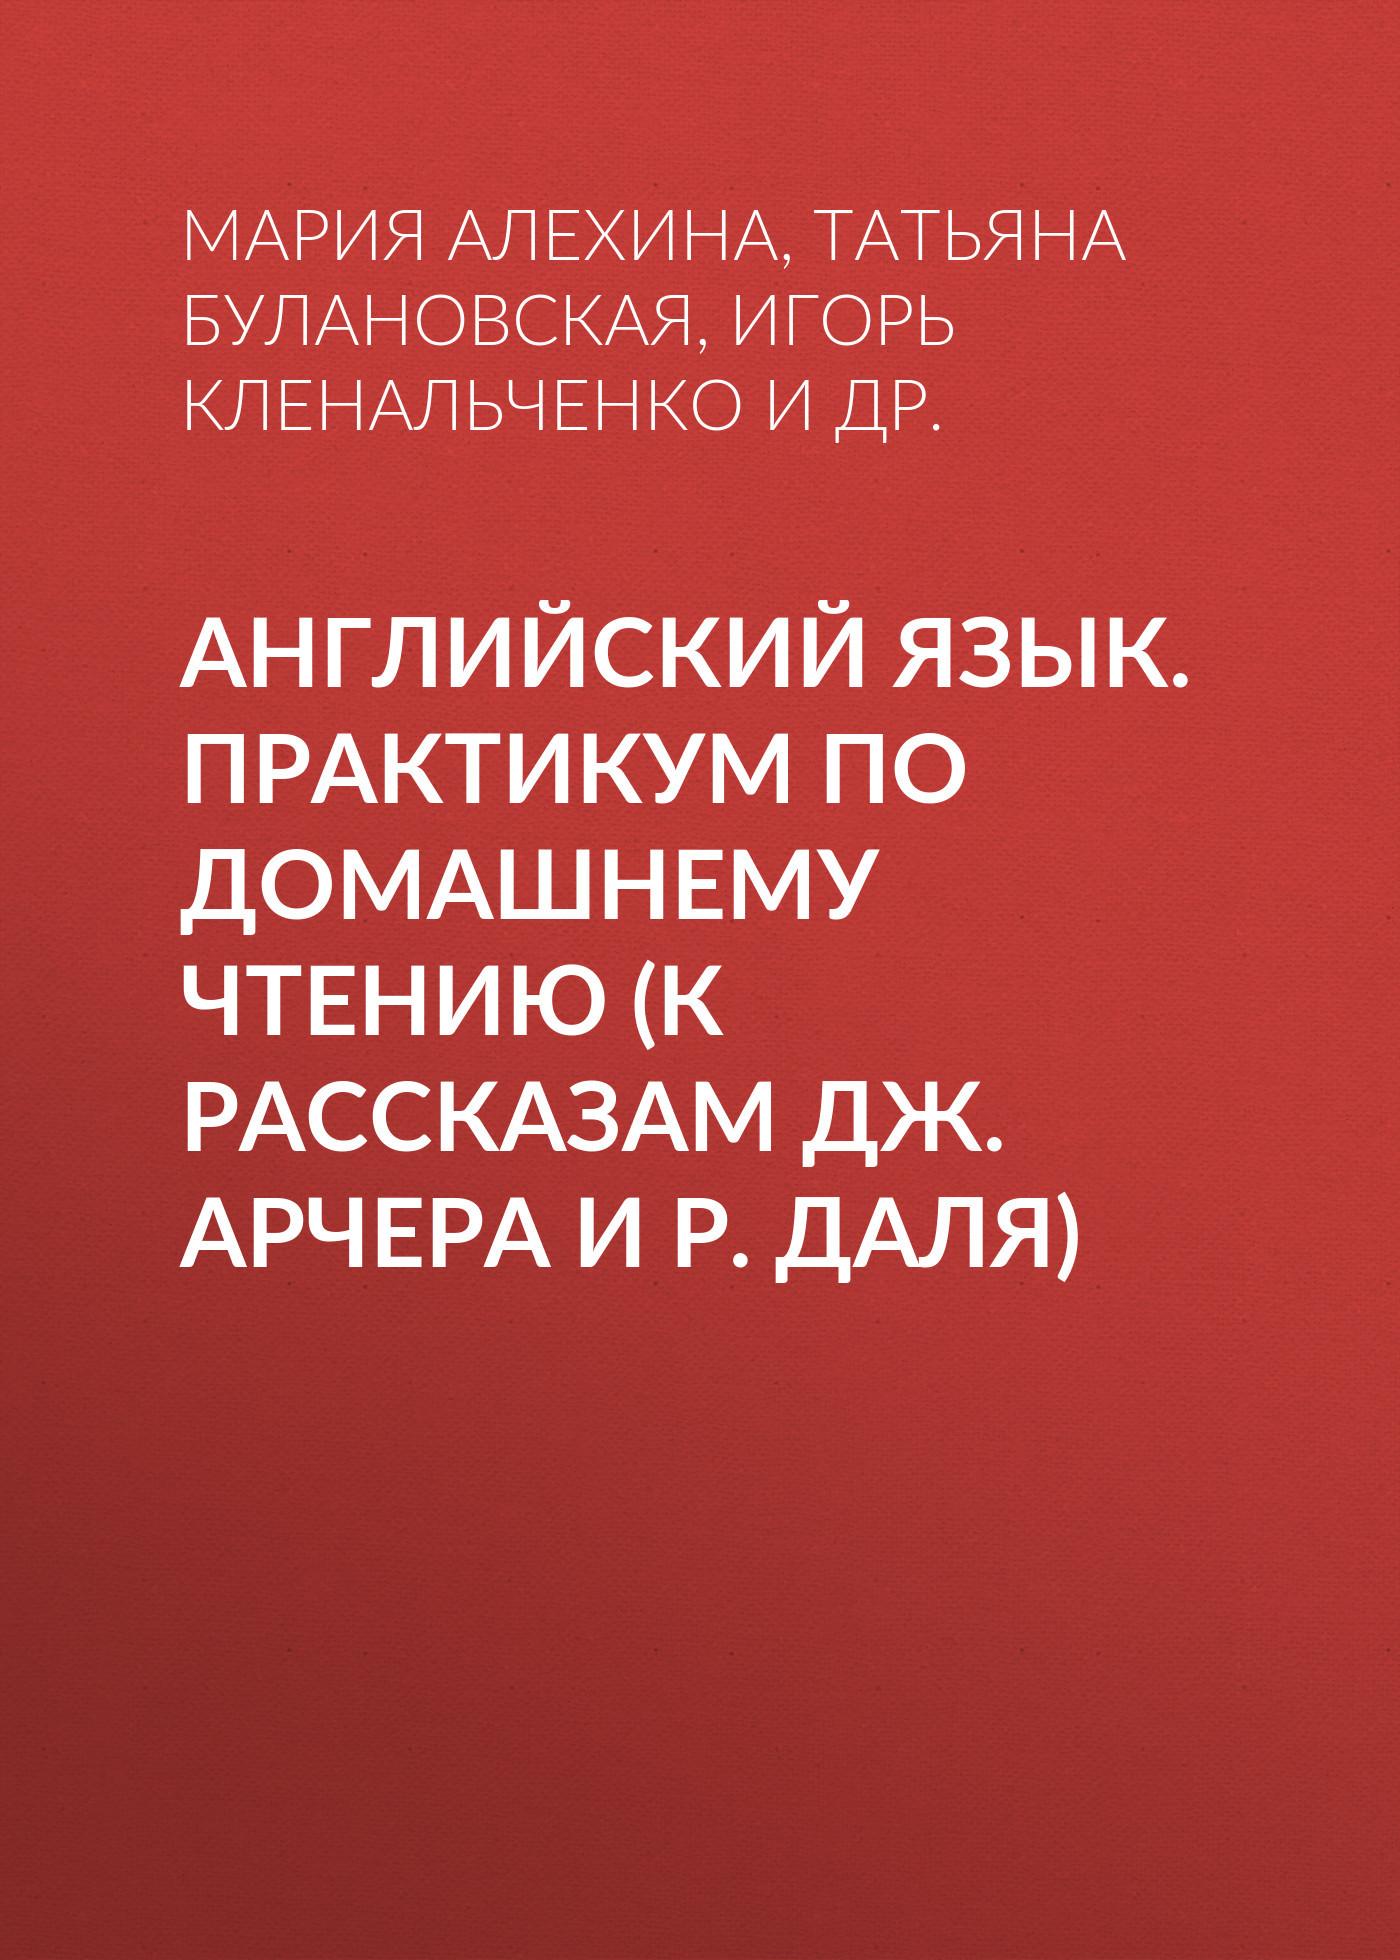 Татьяна Булановская Английский язык. Практикум по домашнему чтению (к рассказам Дж. Арчера и Р. Даля)